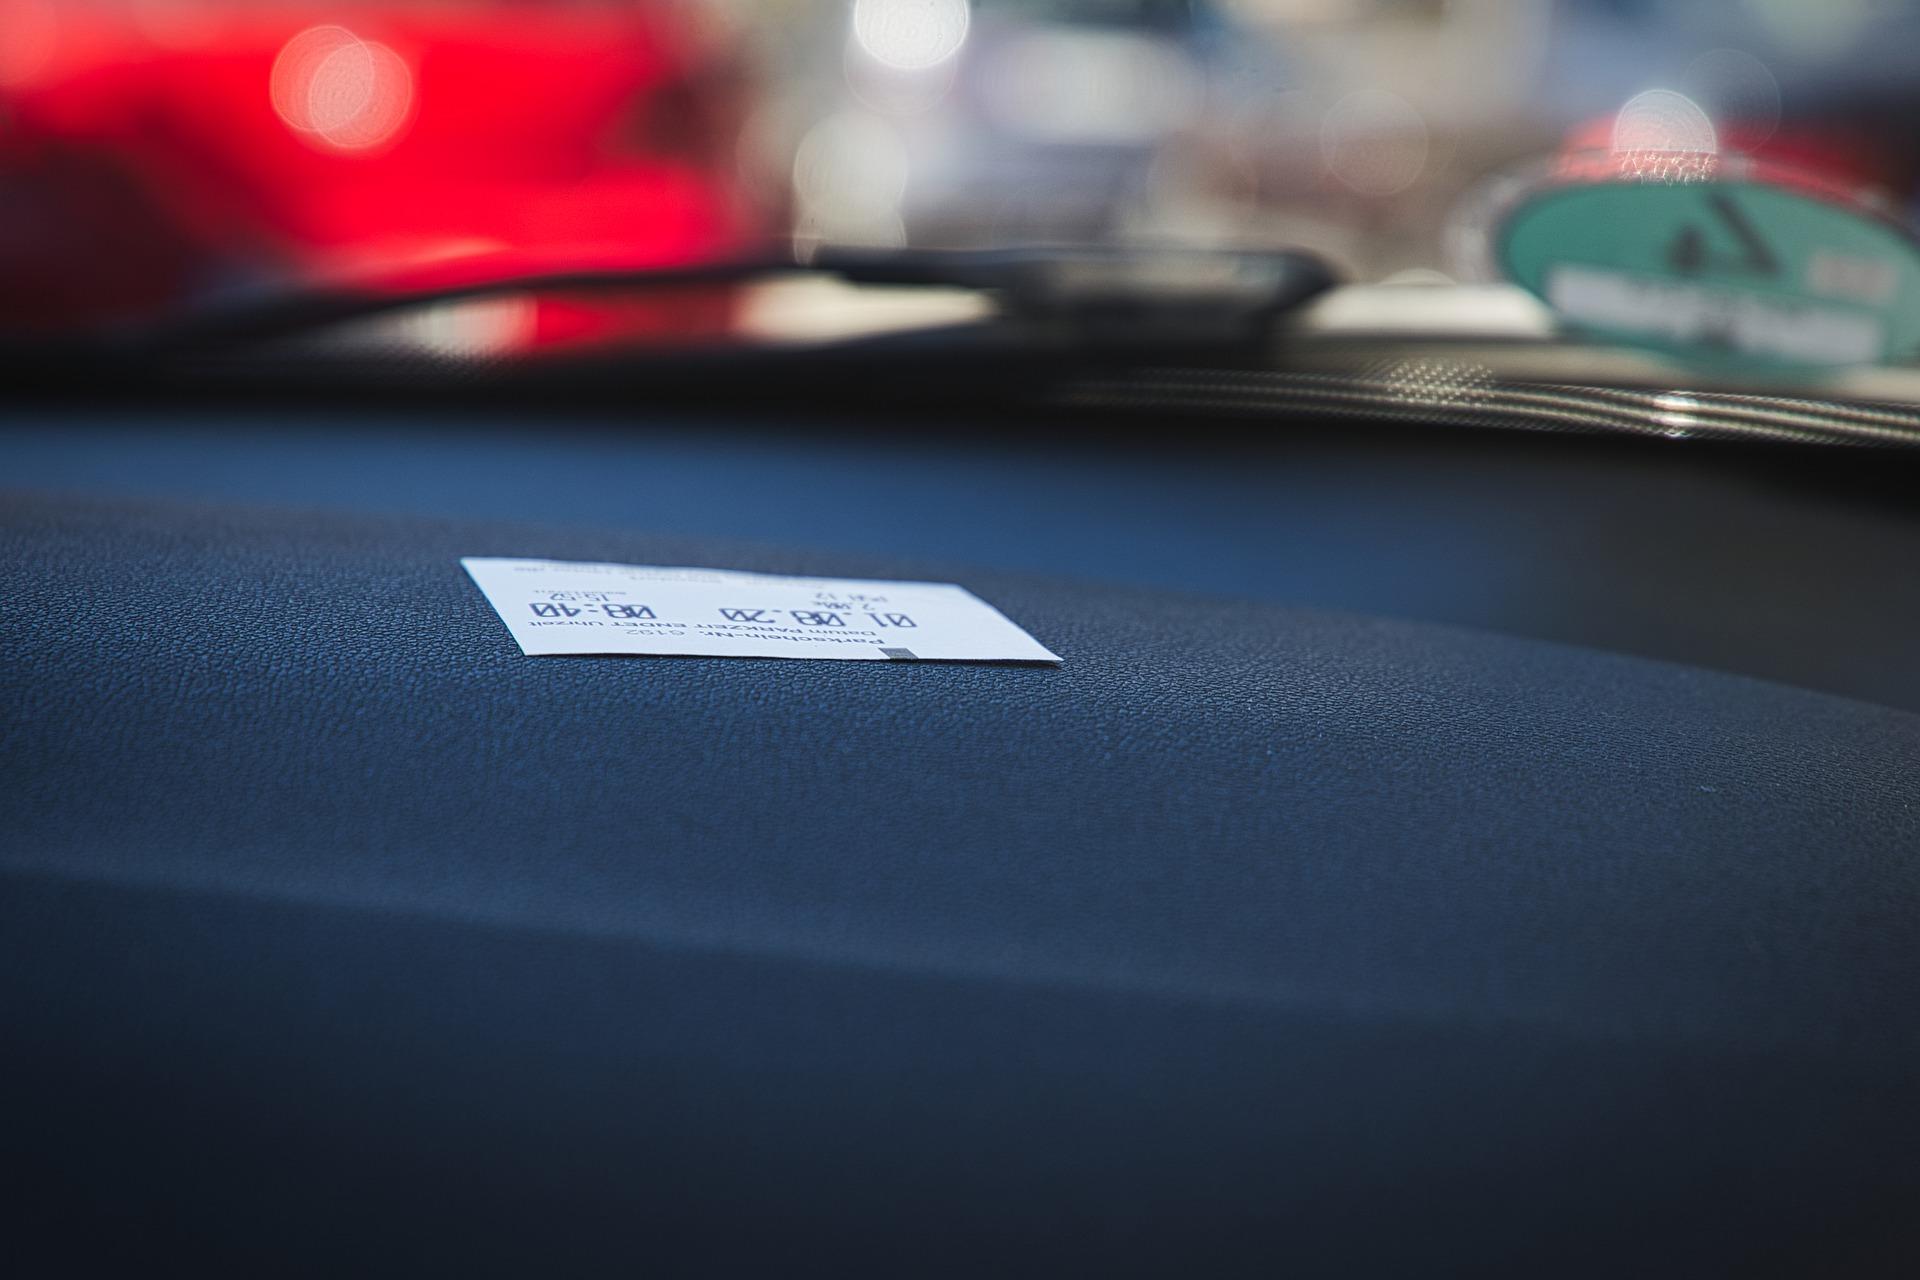 荷兰司机注意了,一个举动让你被罚240欧!新冠数据逐渐乐观